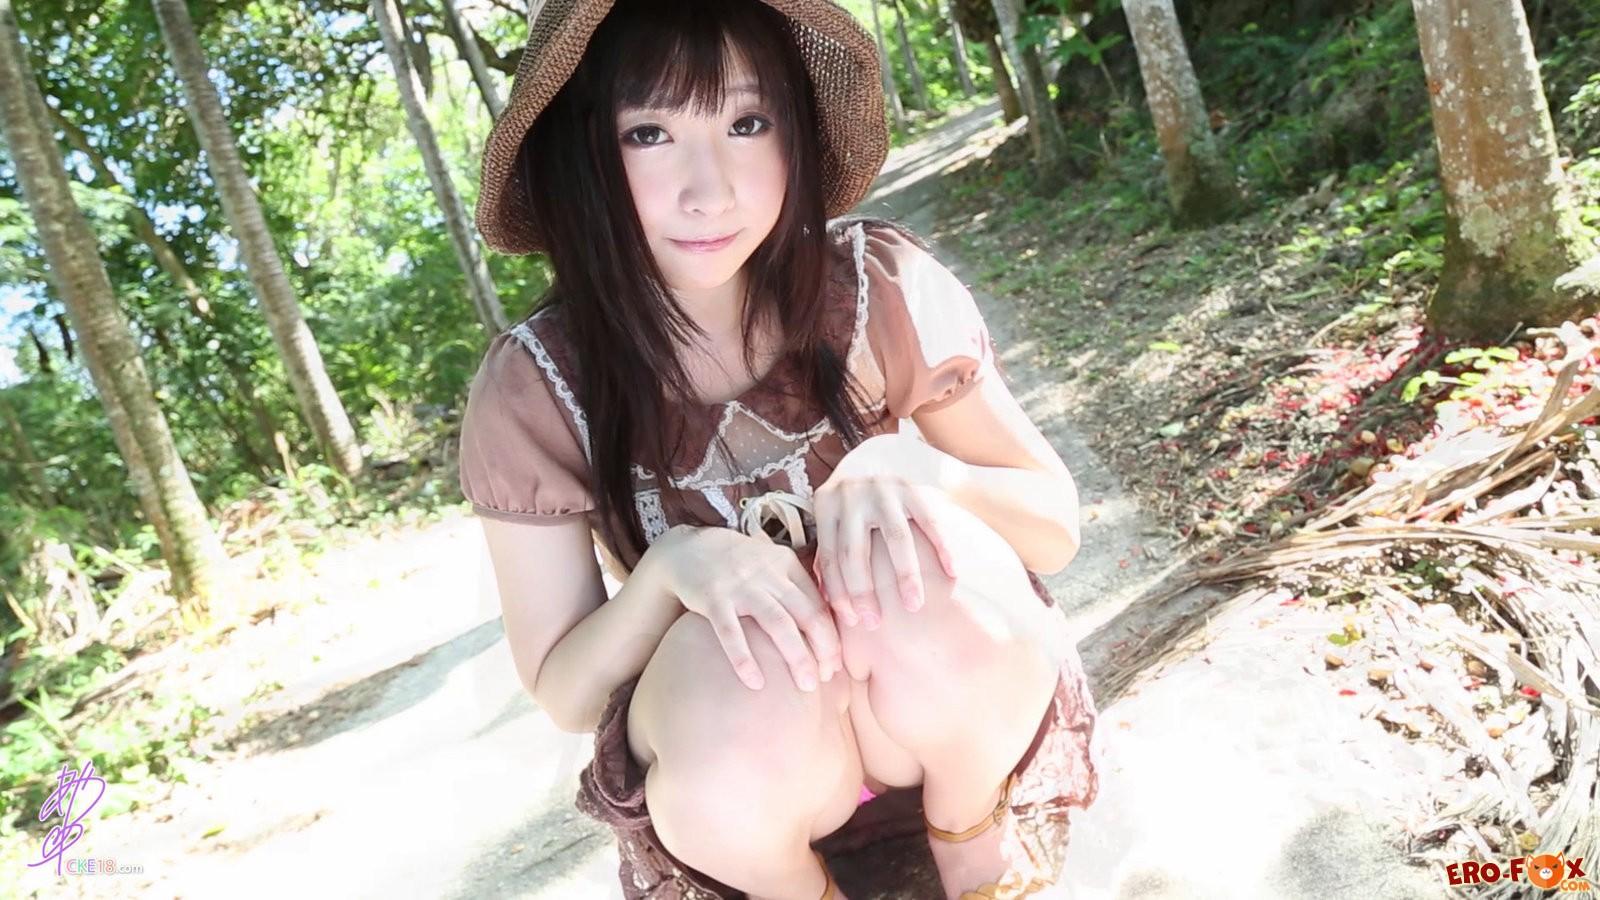 Трусики под юбкой японки .